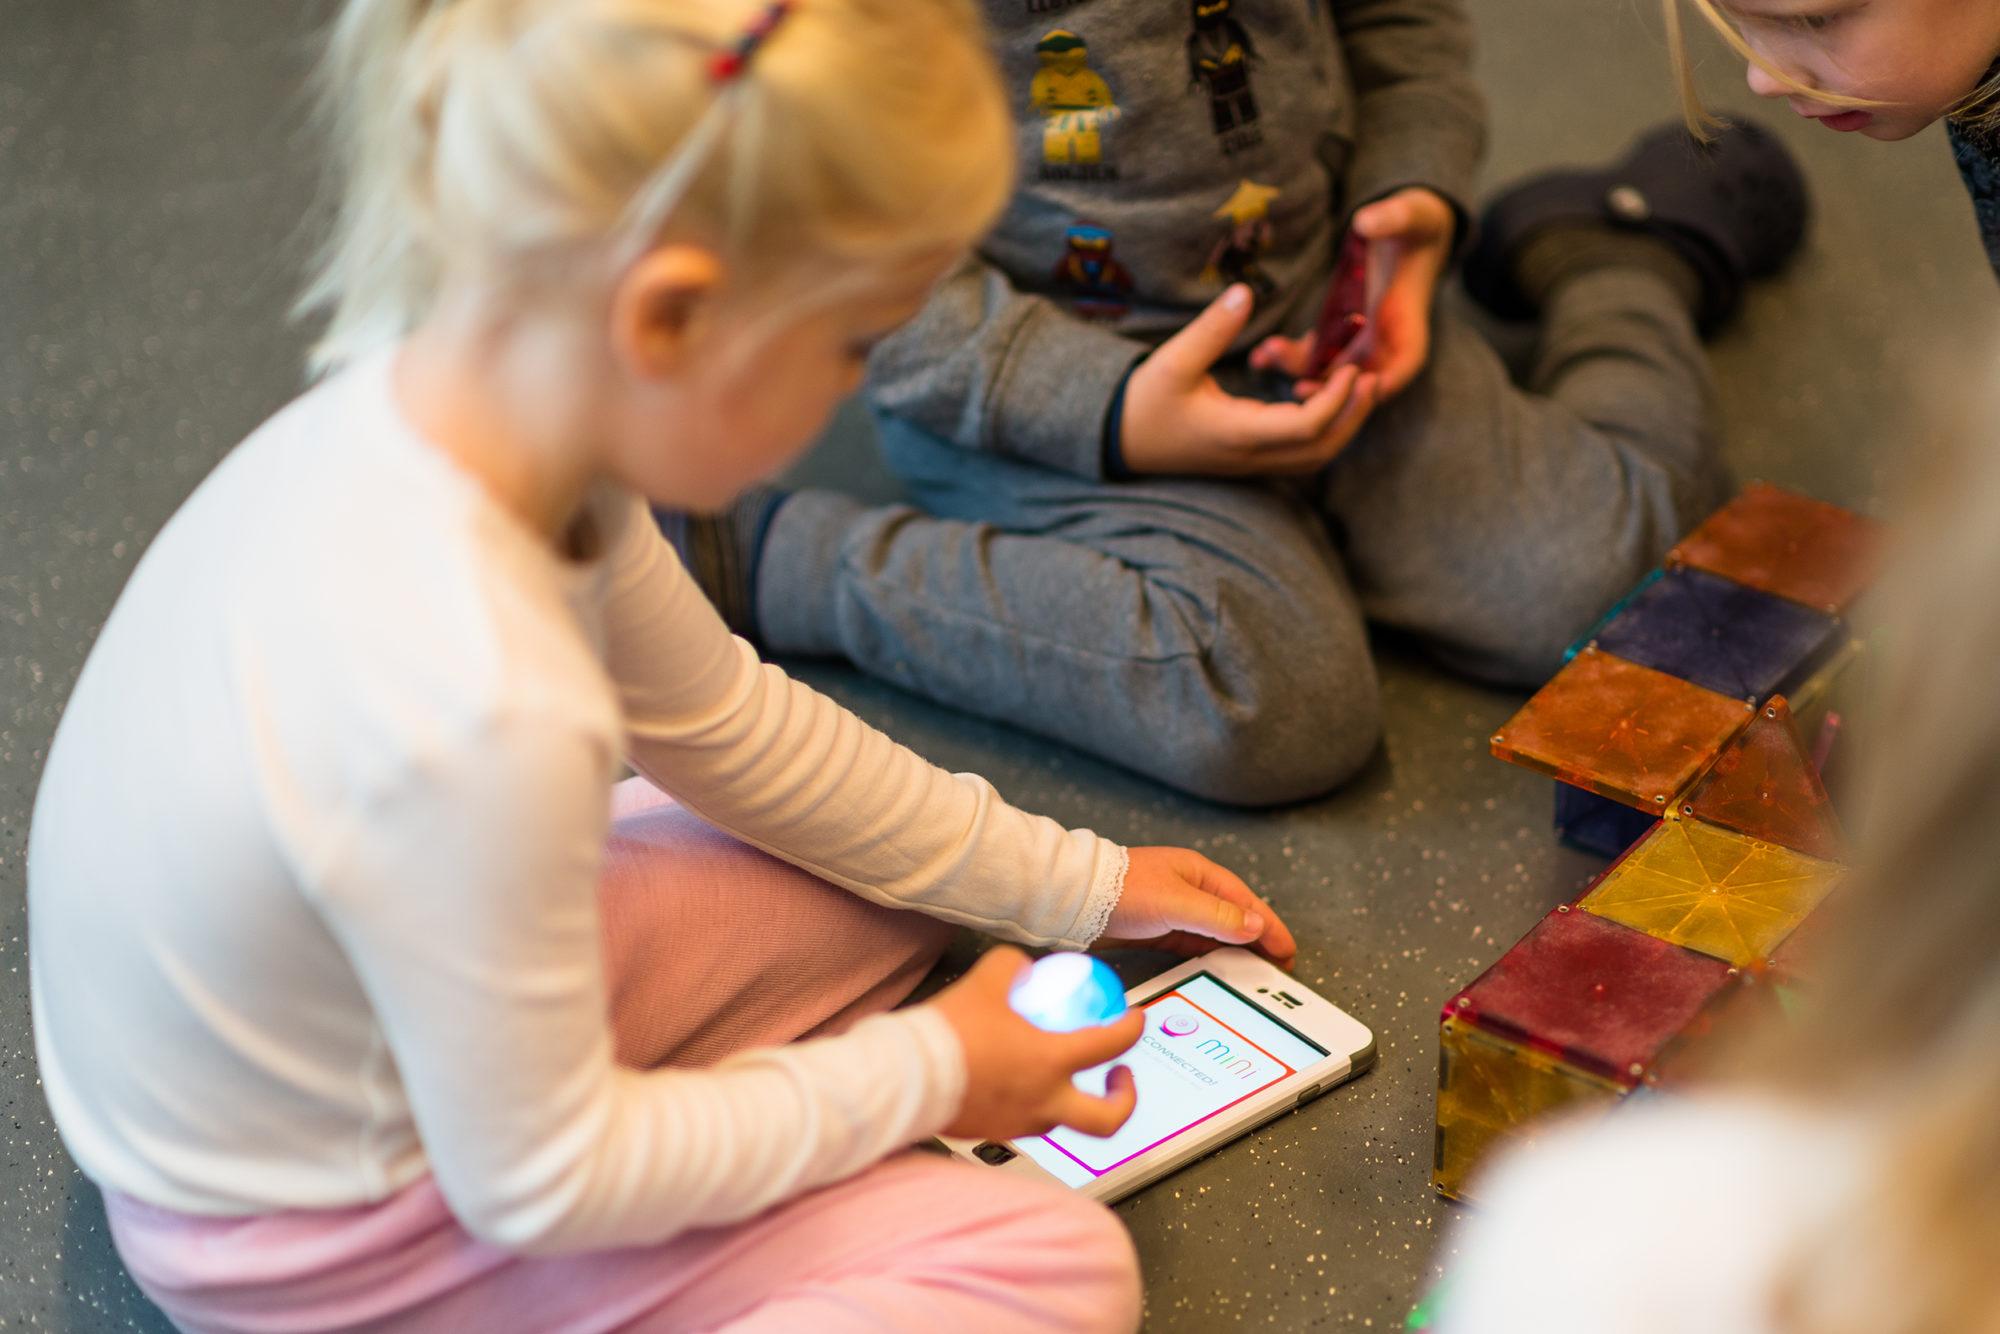 Barnehagebarn med mobiltelefon